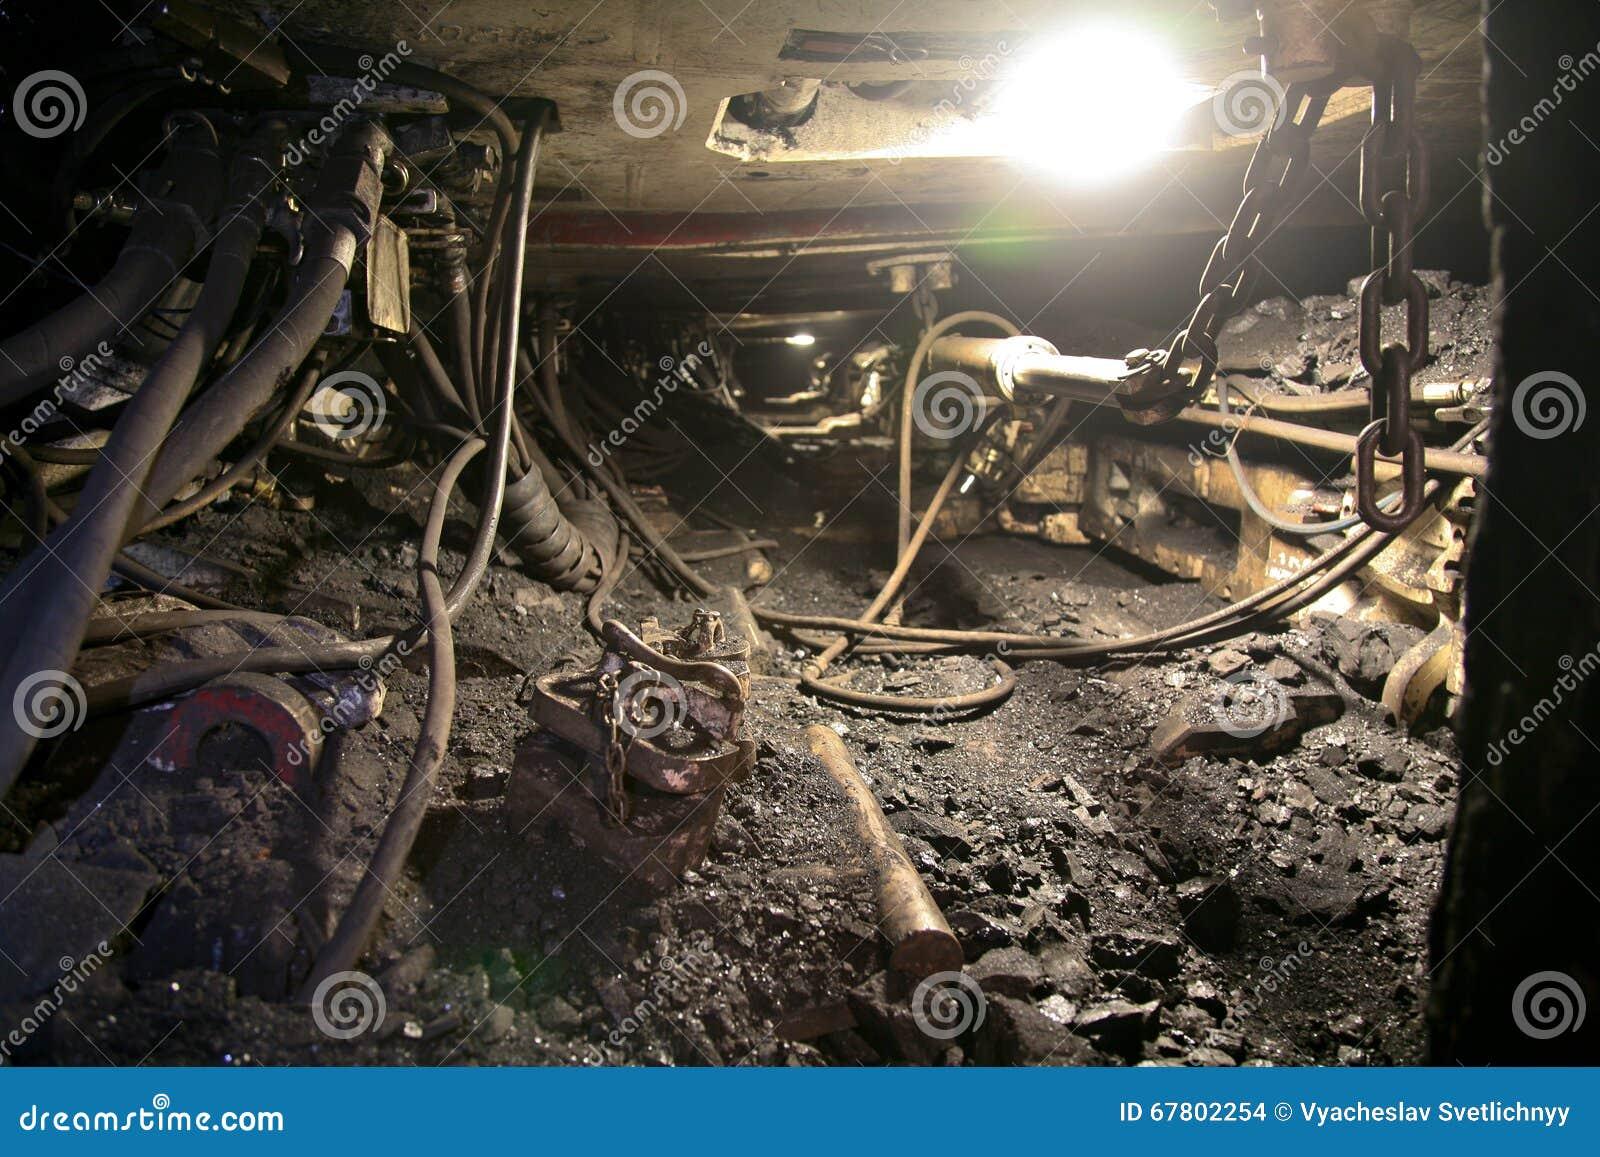 Modern Coal Mines